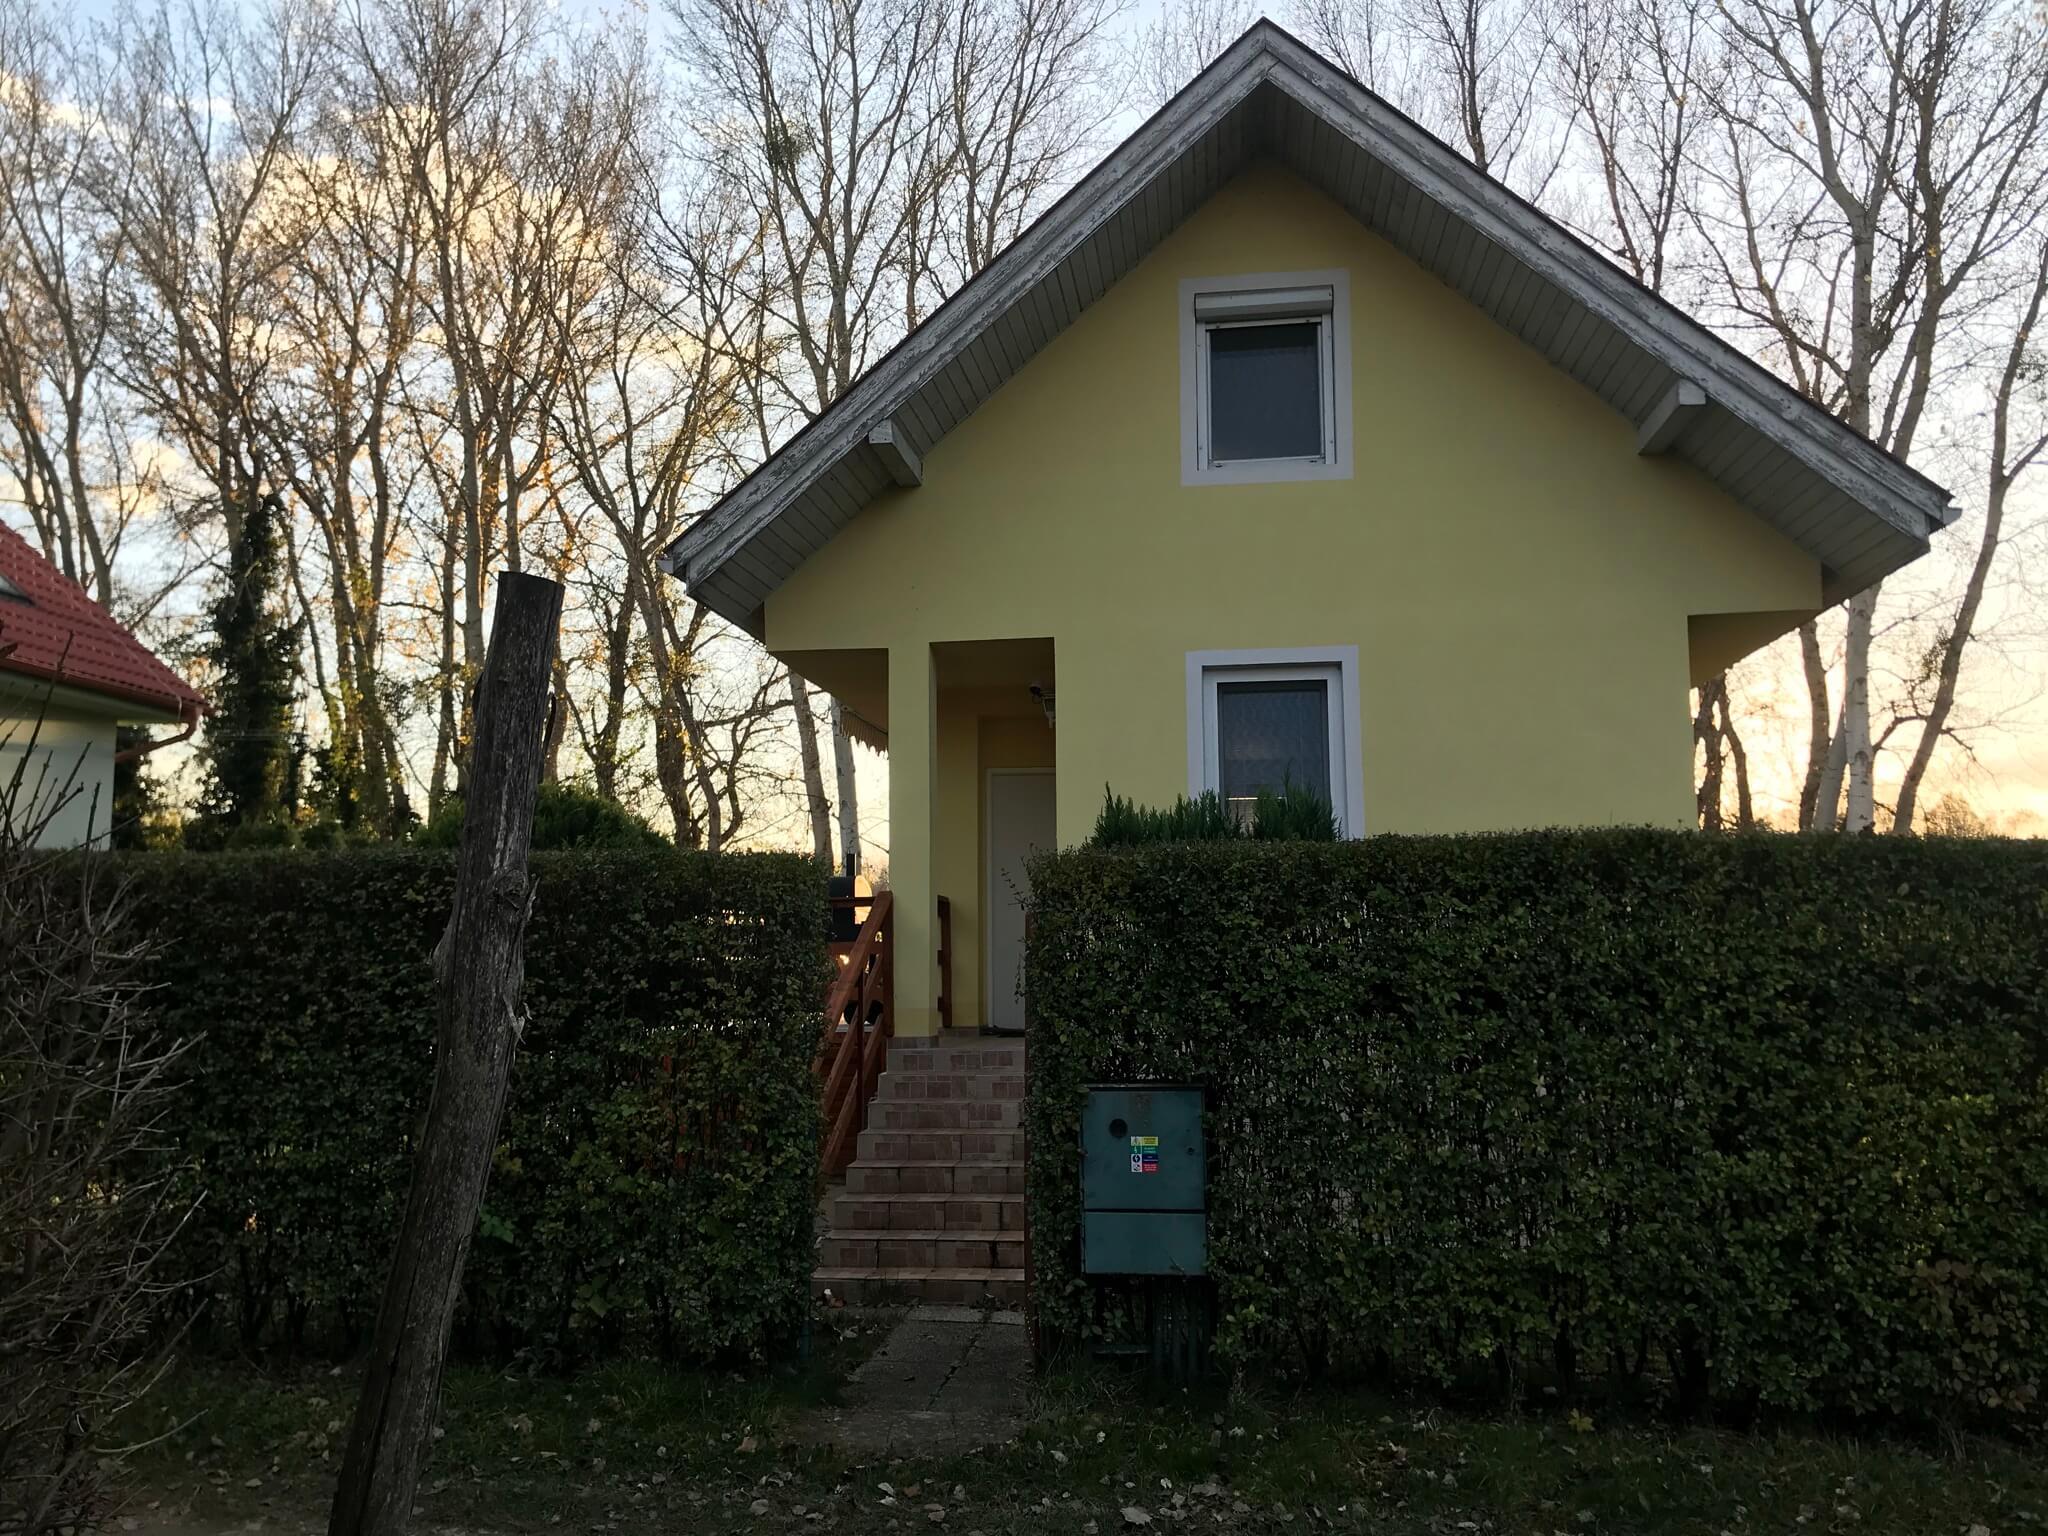 Predané: Exkluzívne 3 izbová chata o výmere 70m2 s 300m2 pozemkom, 2 podložná, v Gabčíkove pri hrádzi, kompe-31